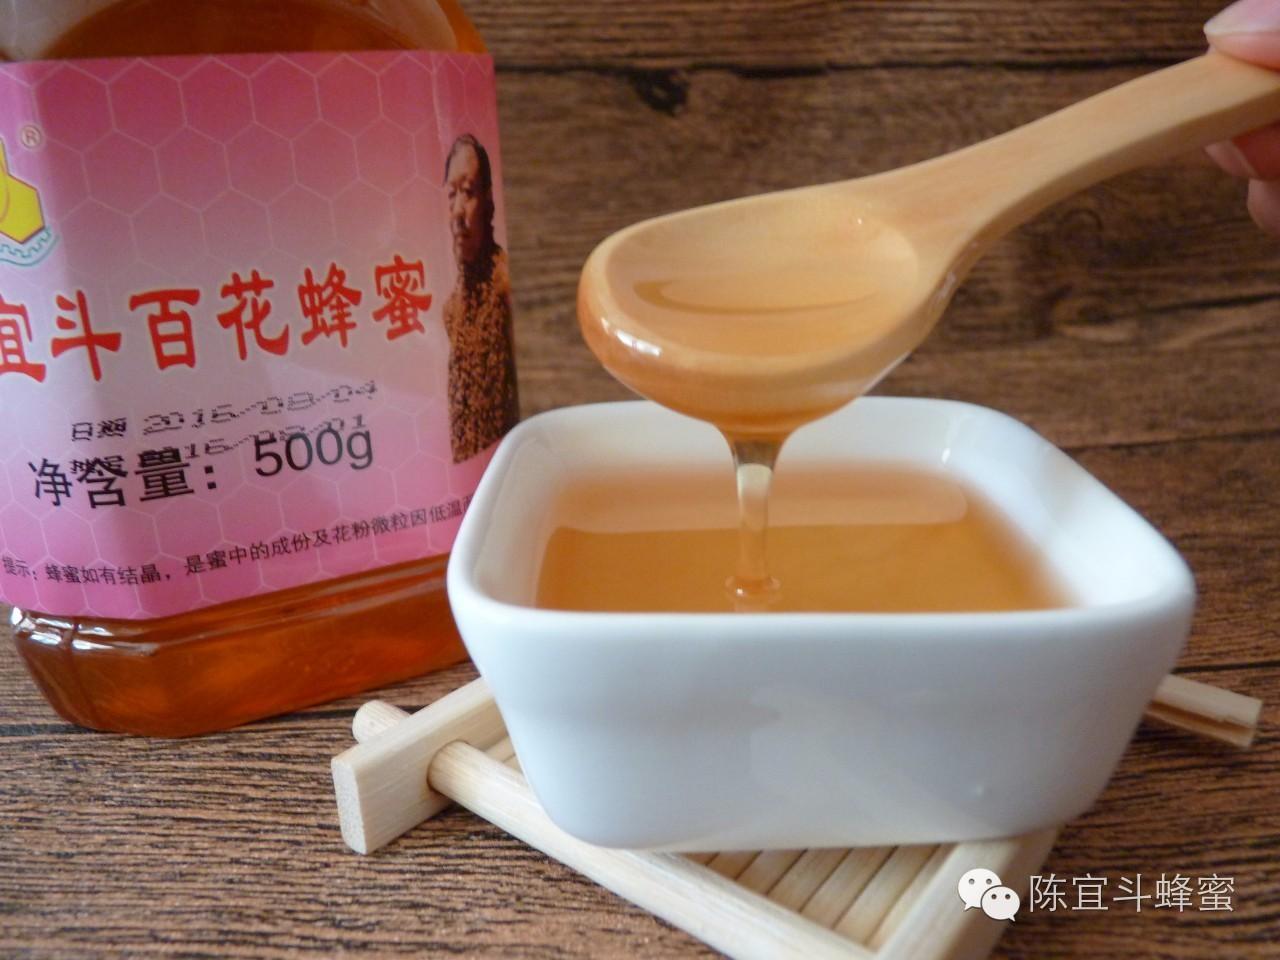 蜂蜜哪里的最好 怎么辨别蜂蜜真假 人体 蜂蜜价钱 麦卢卡蜂蜜价格